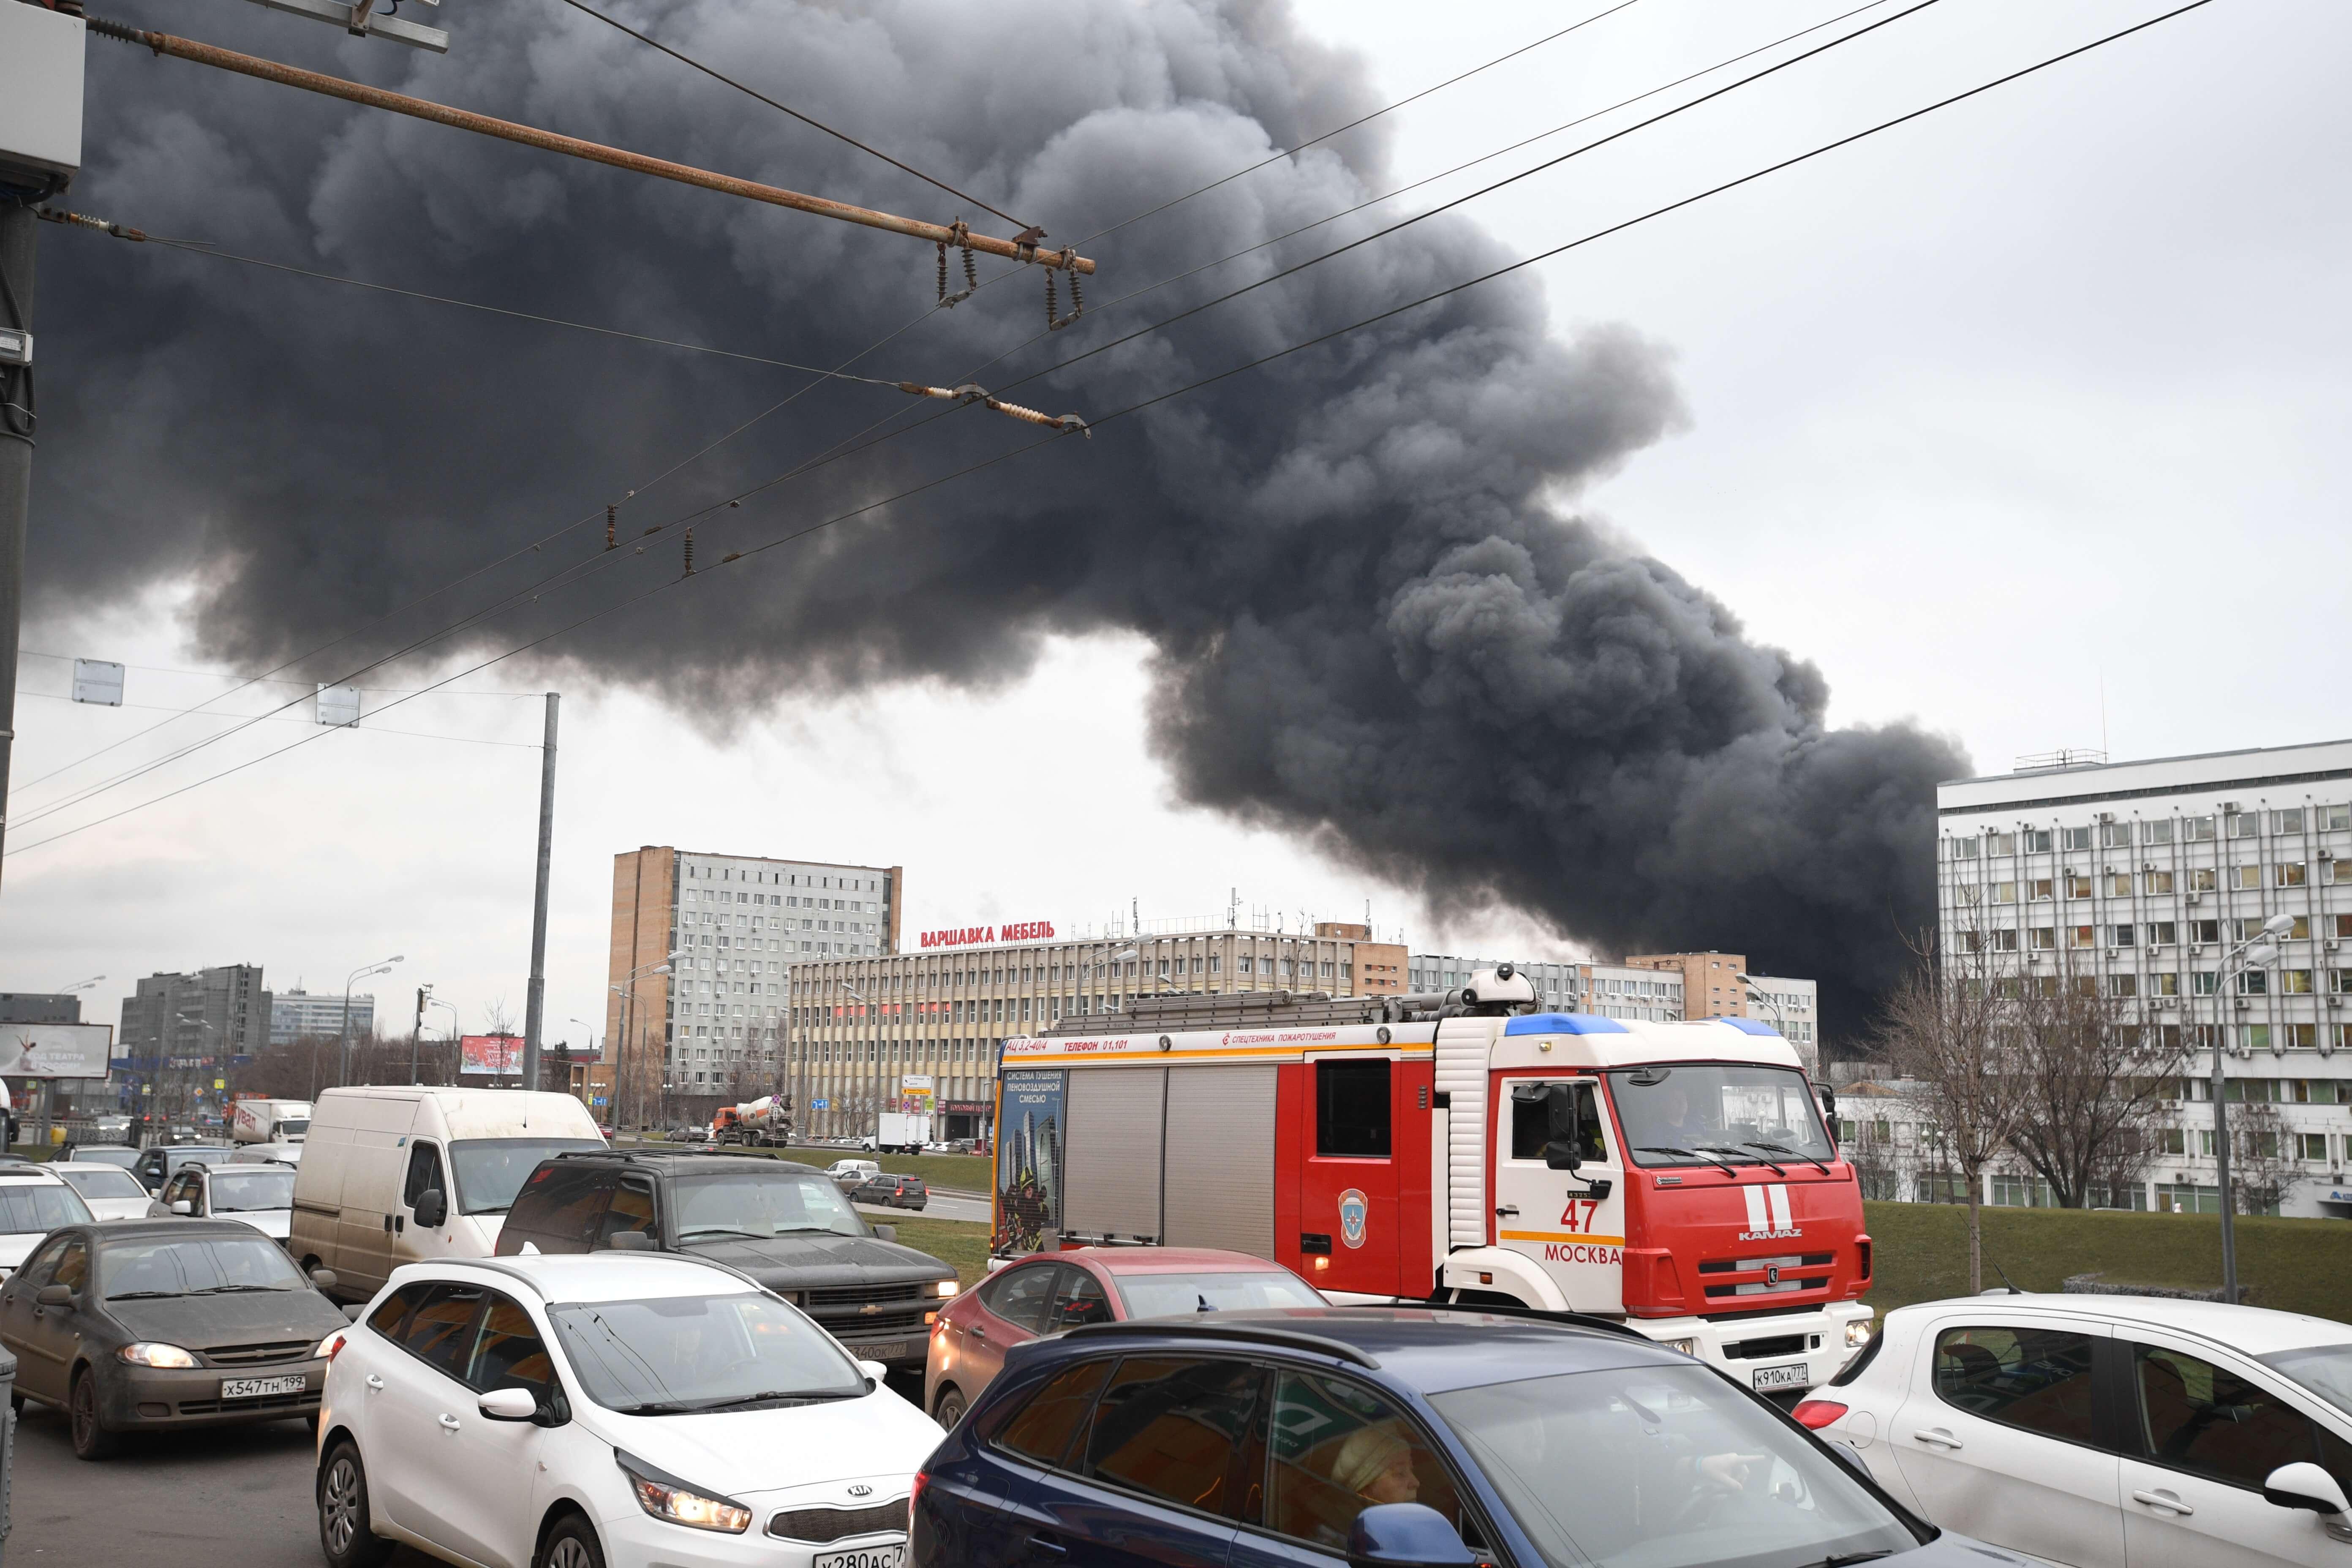 Мощный пожар вспыхнул на севере столицы внутри ангаров